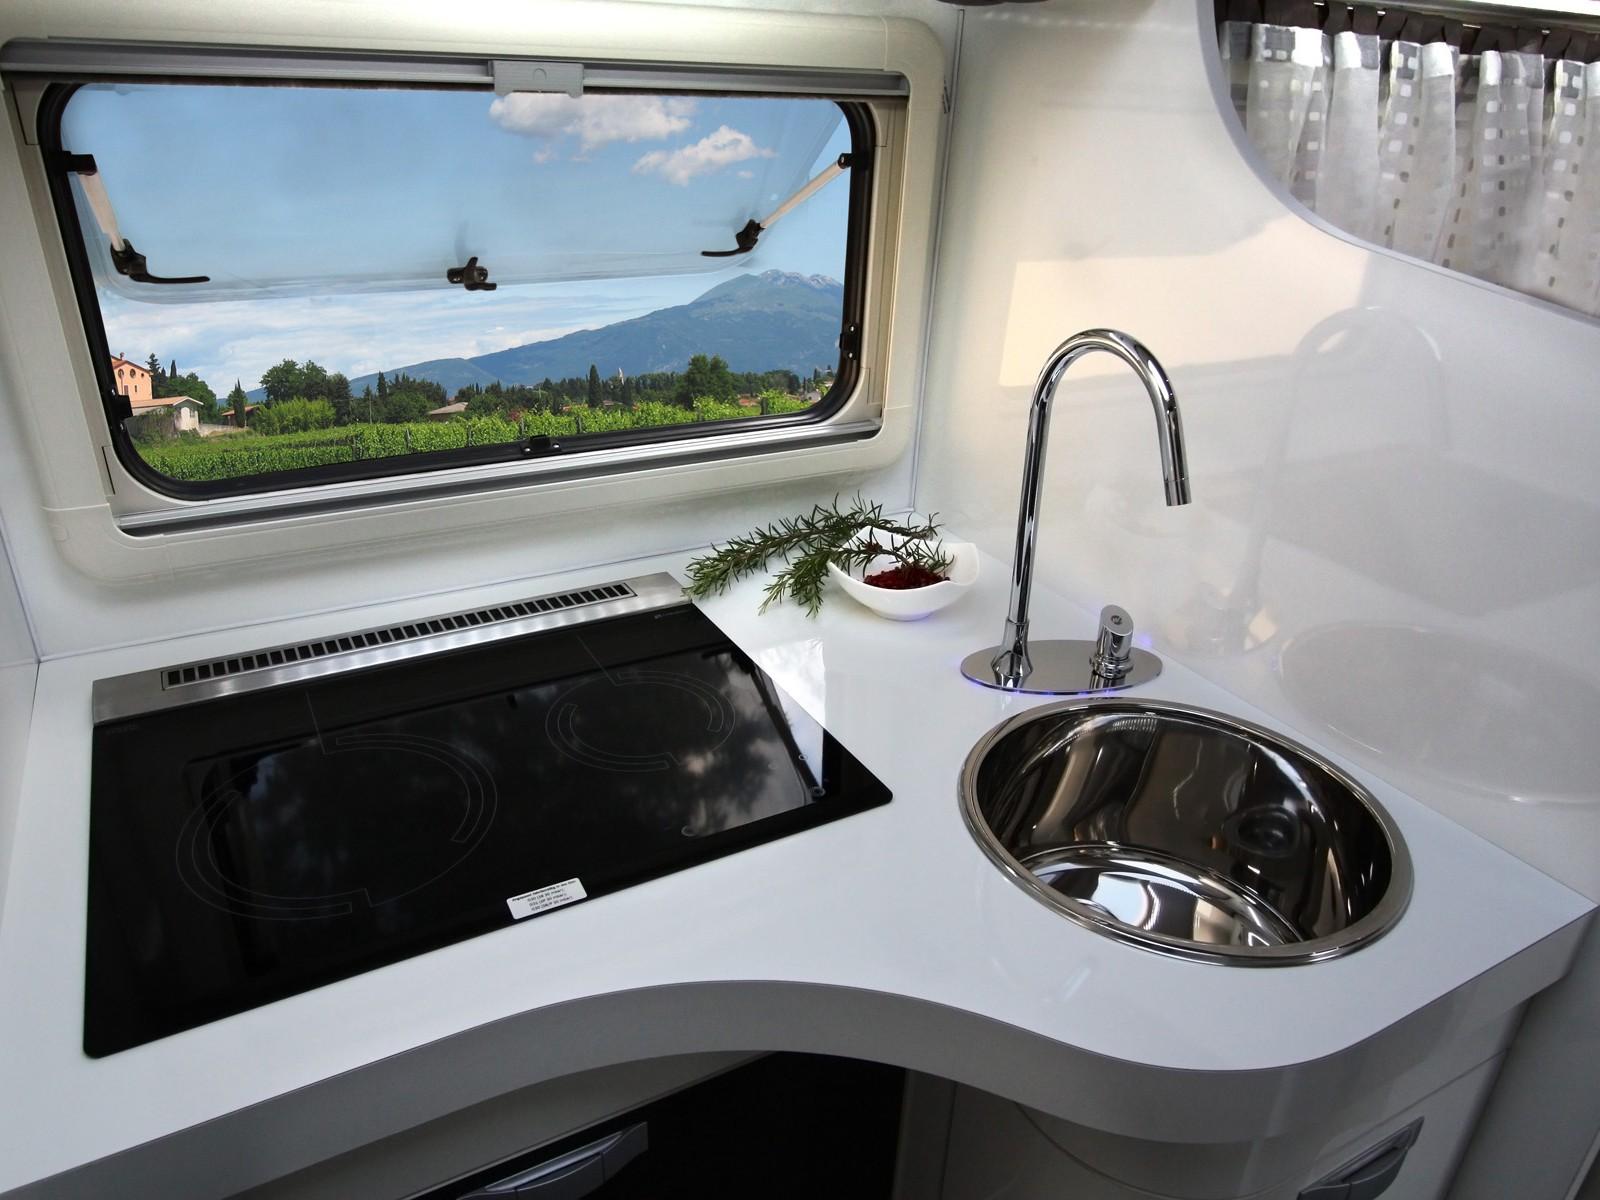 oasi-grandcru-716-gc-mercedes-kitchen-top - camper